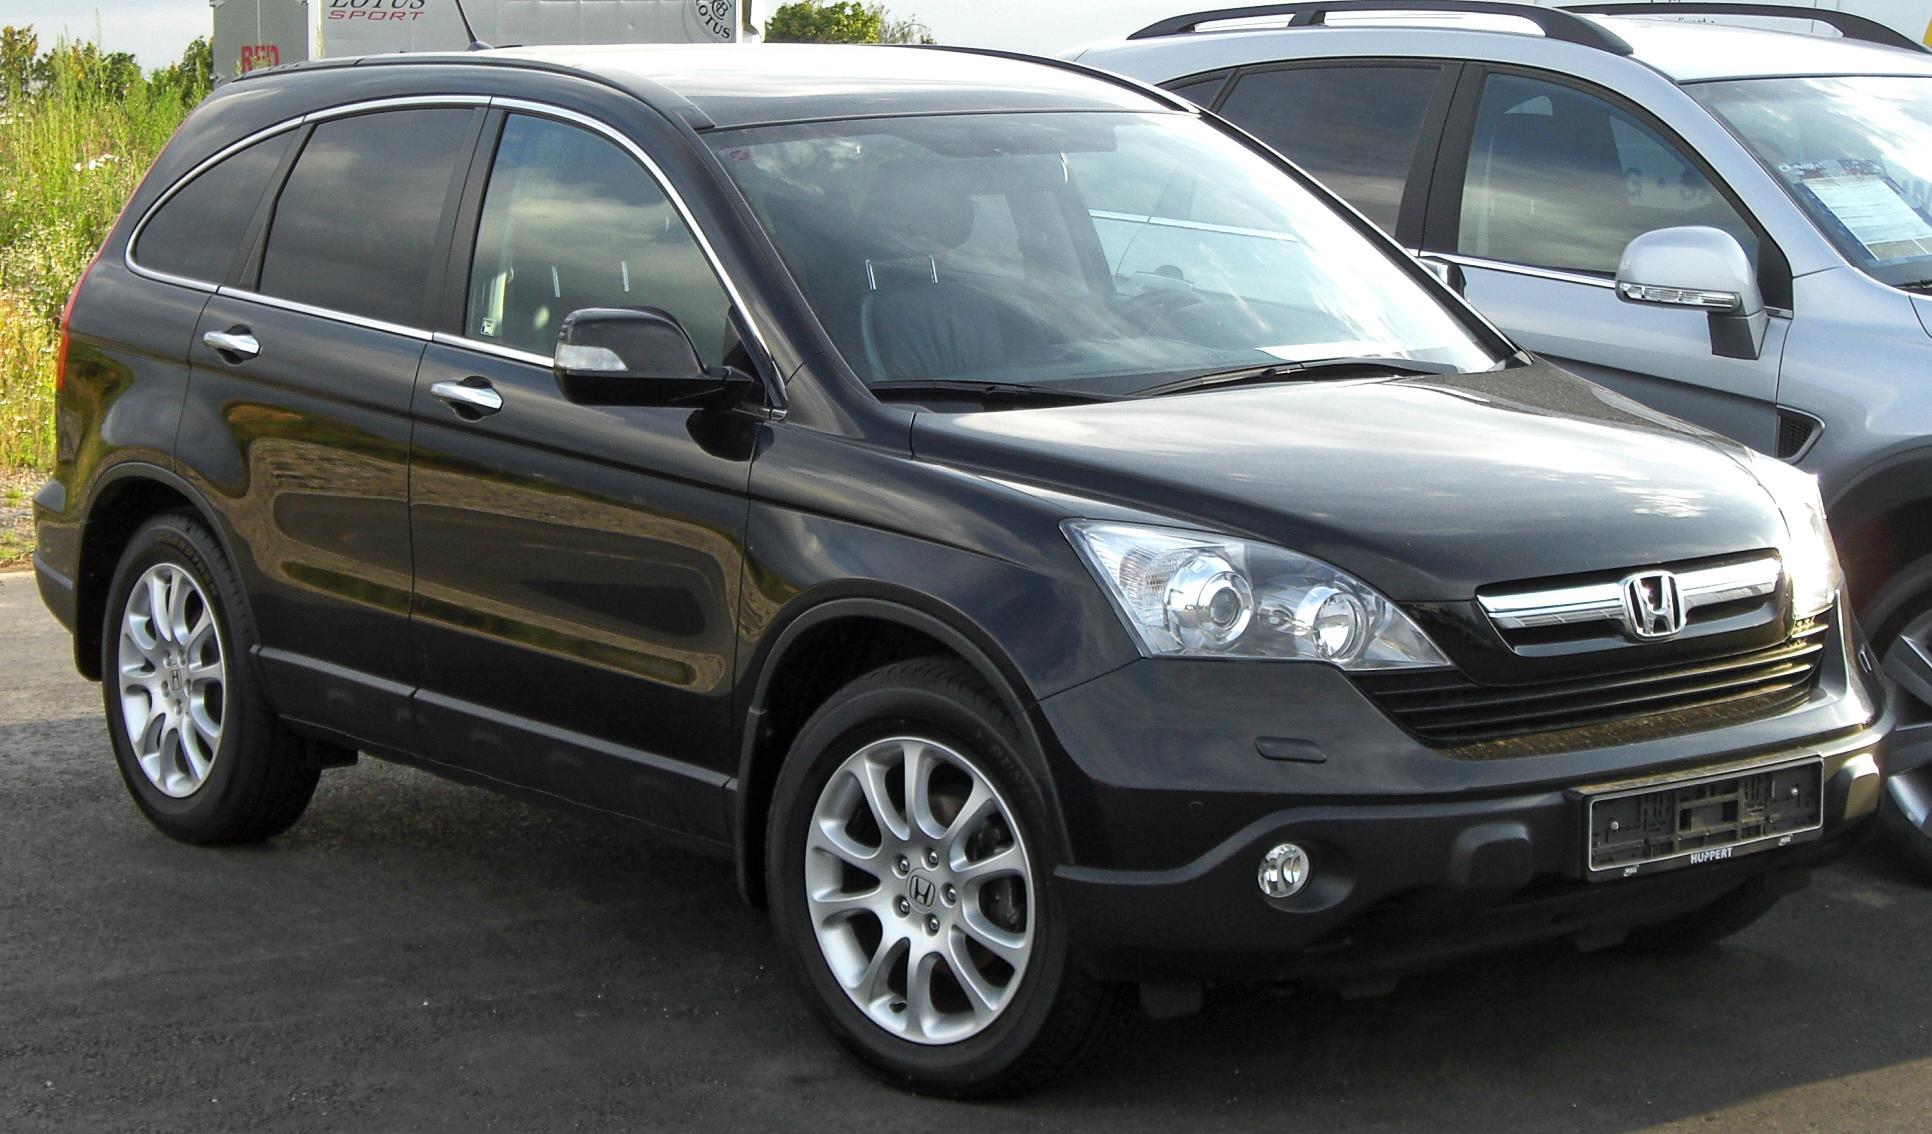 Хонда срв 2008 - 21